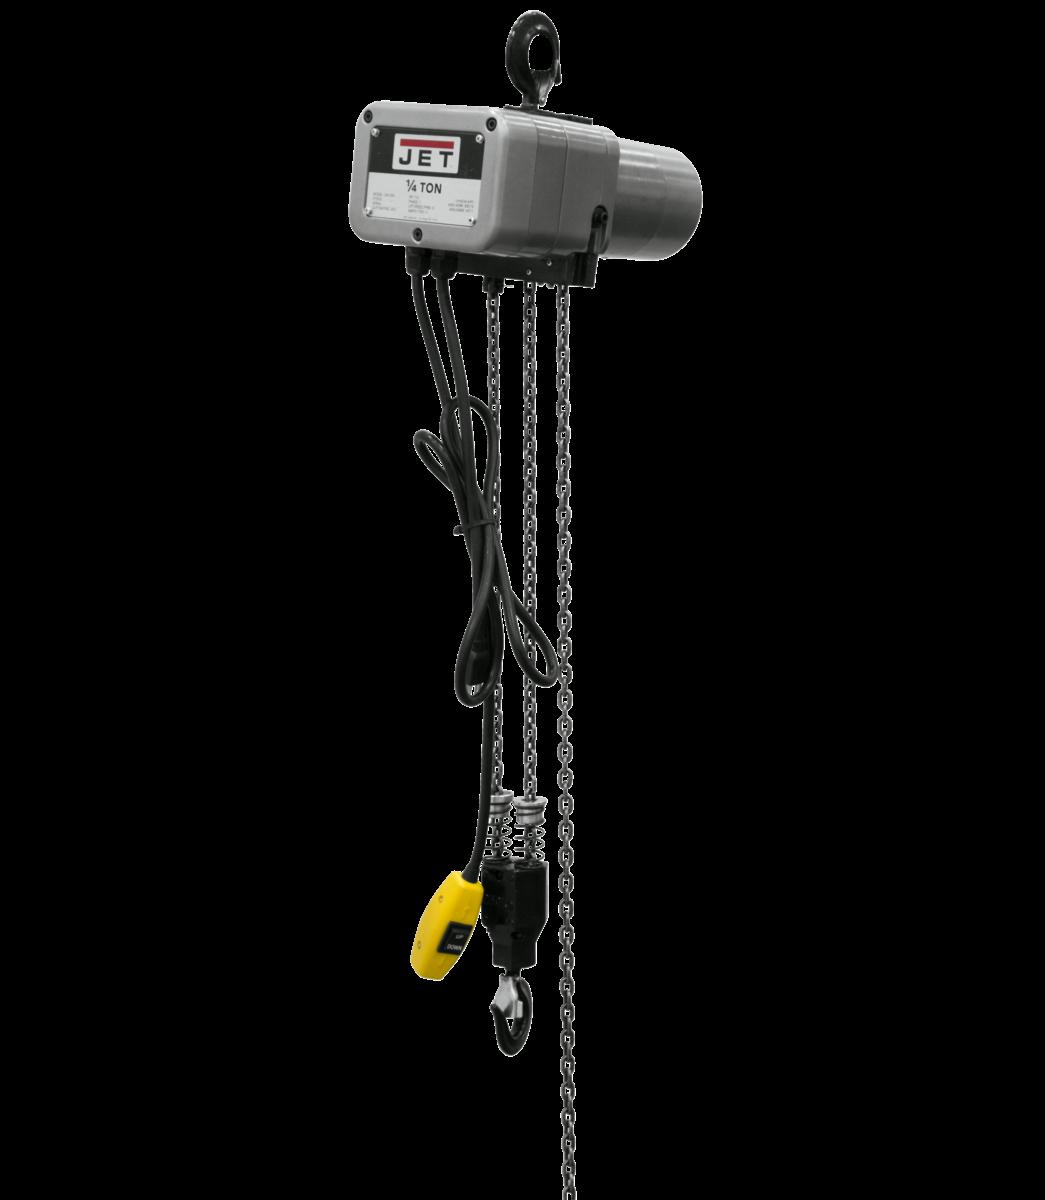 JSH-550-10 Polipasto eléctrico con elevación de 10', 1/4 de tonelada